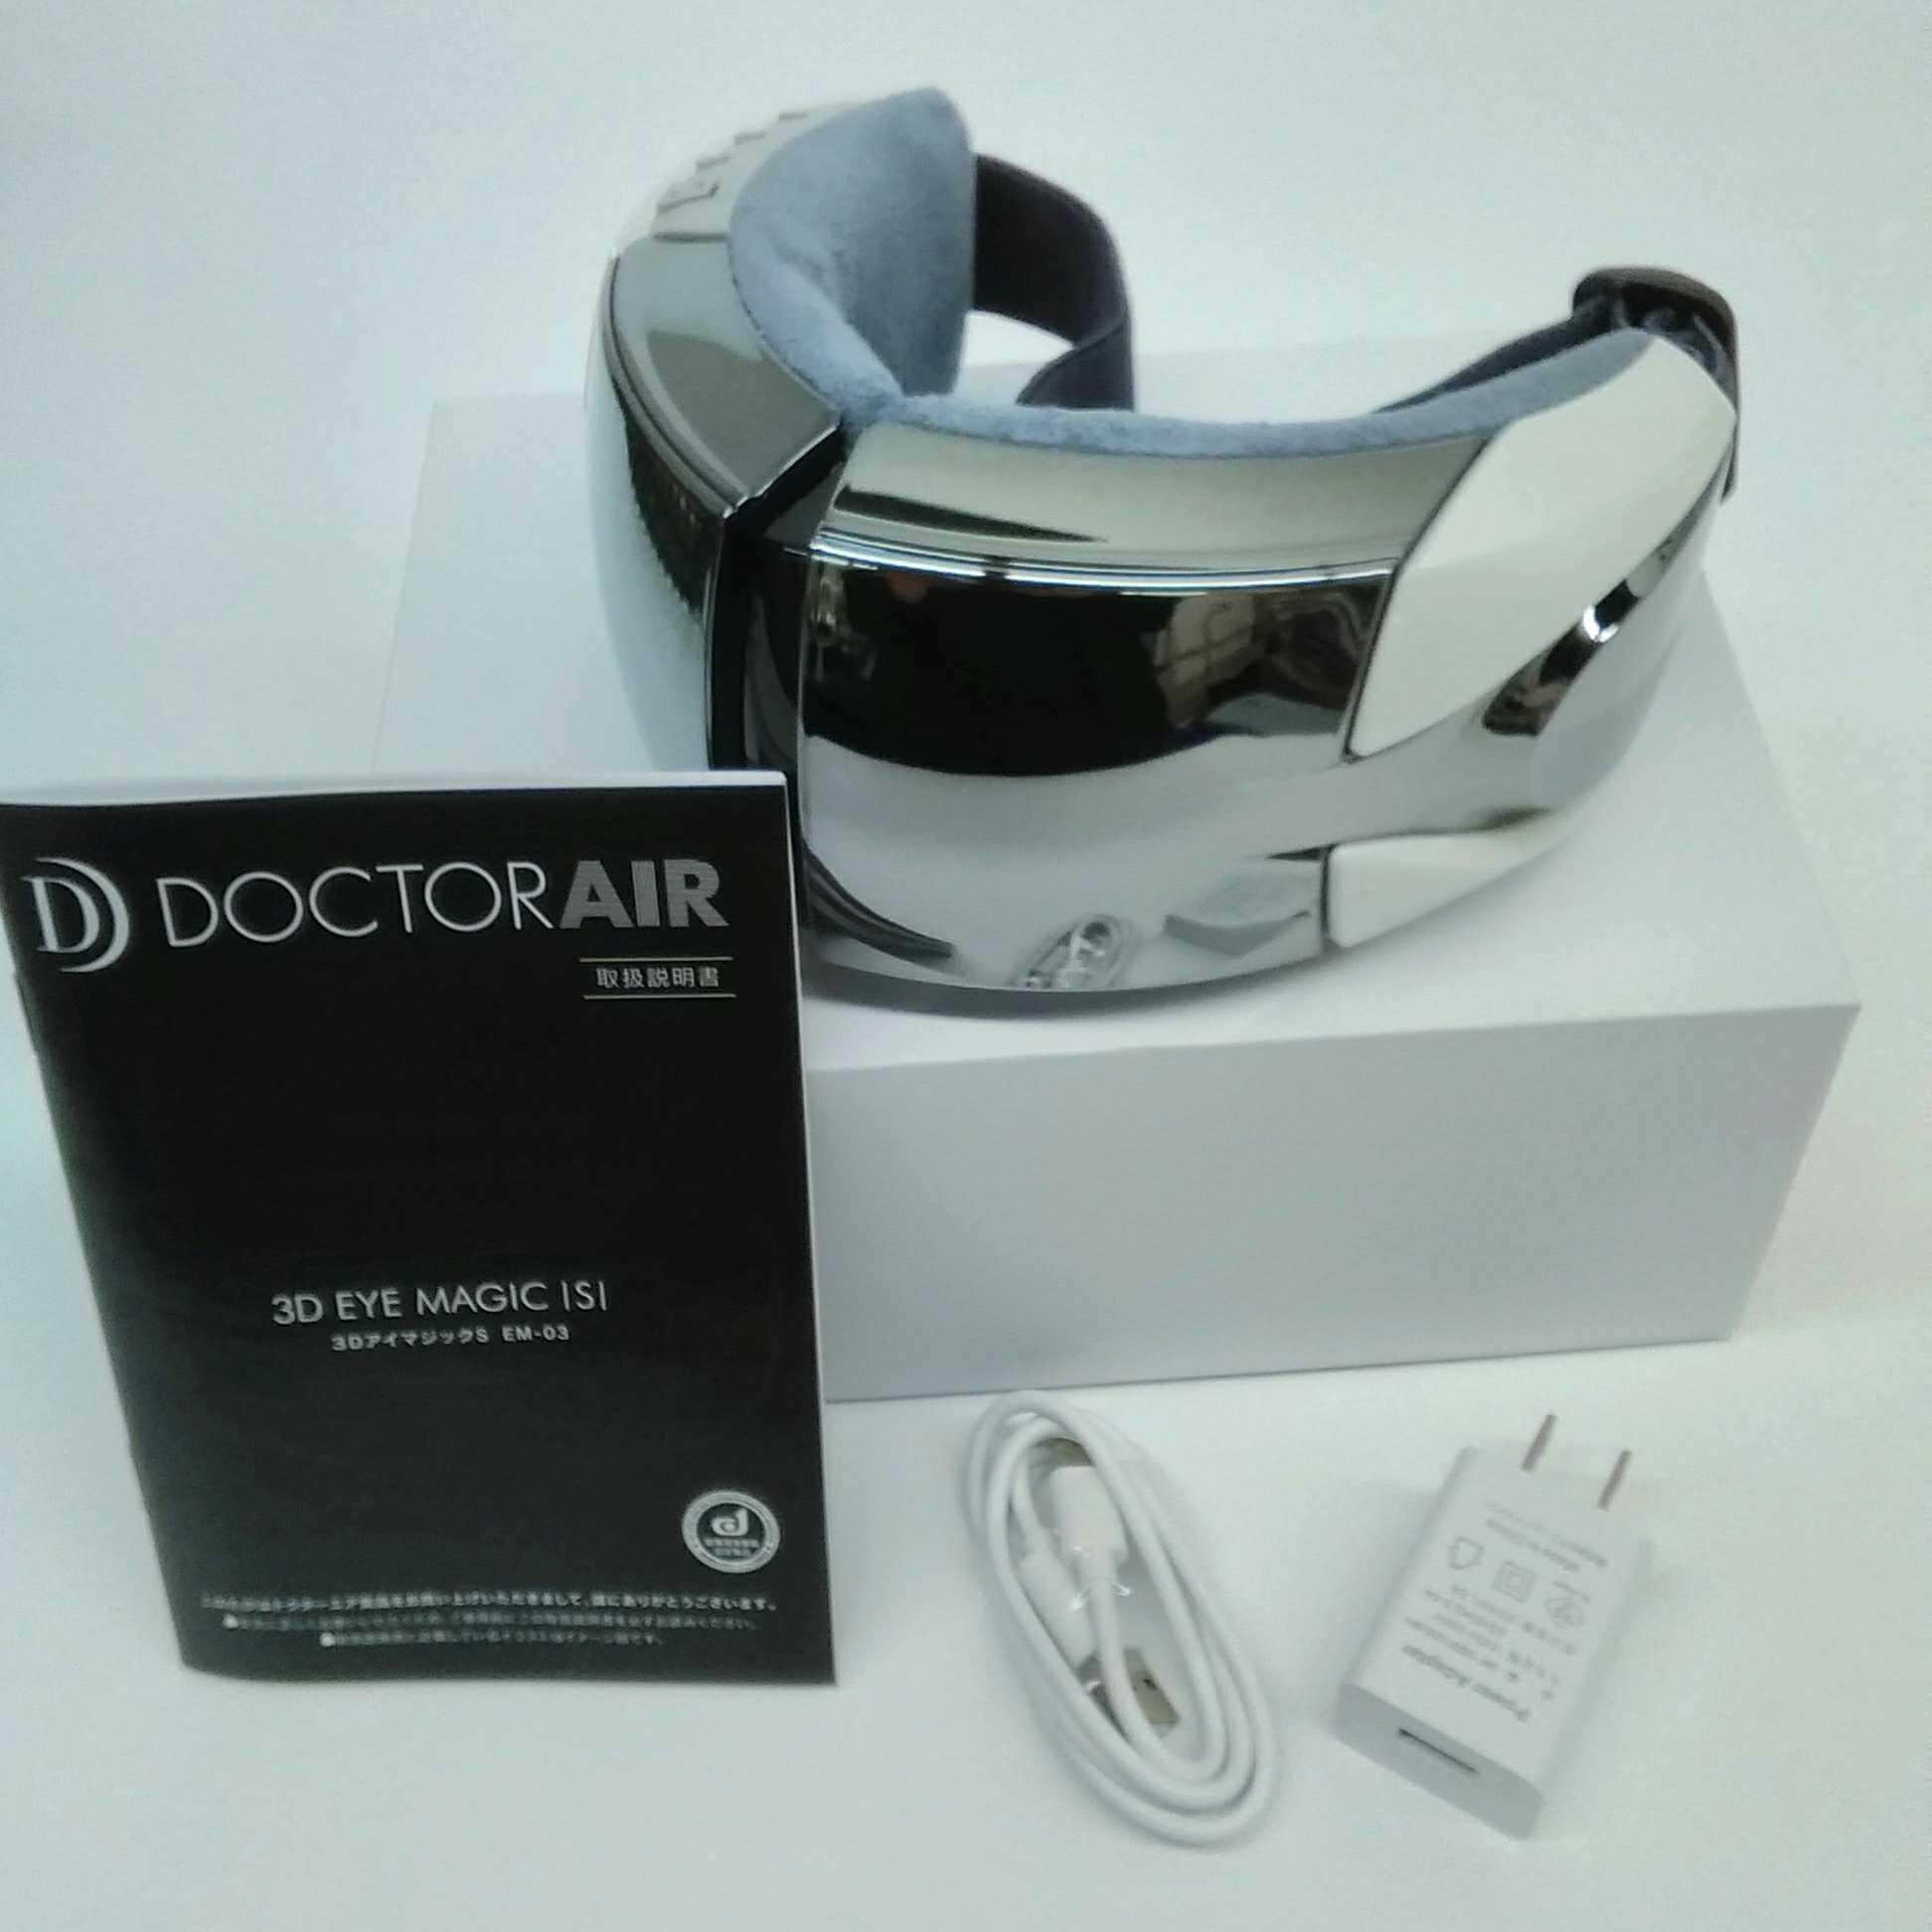 3Dアイマジック|DOCTOR AIR